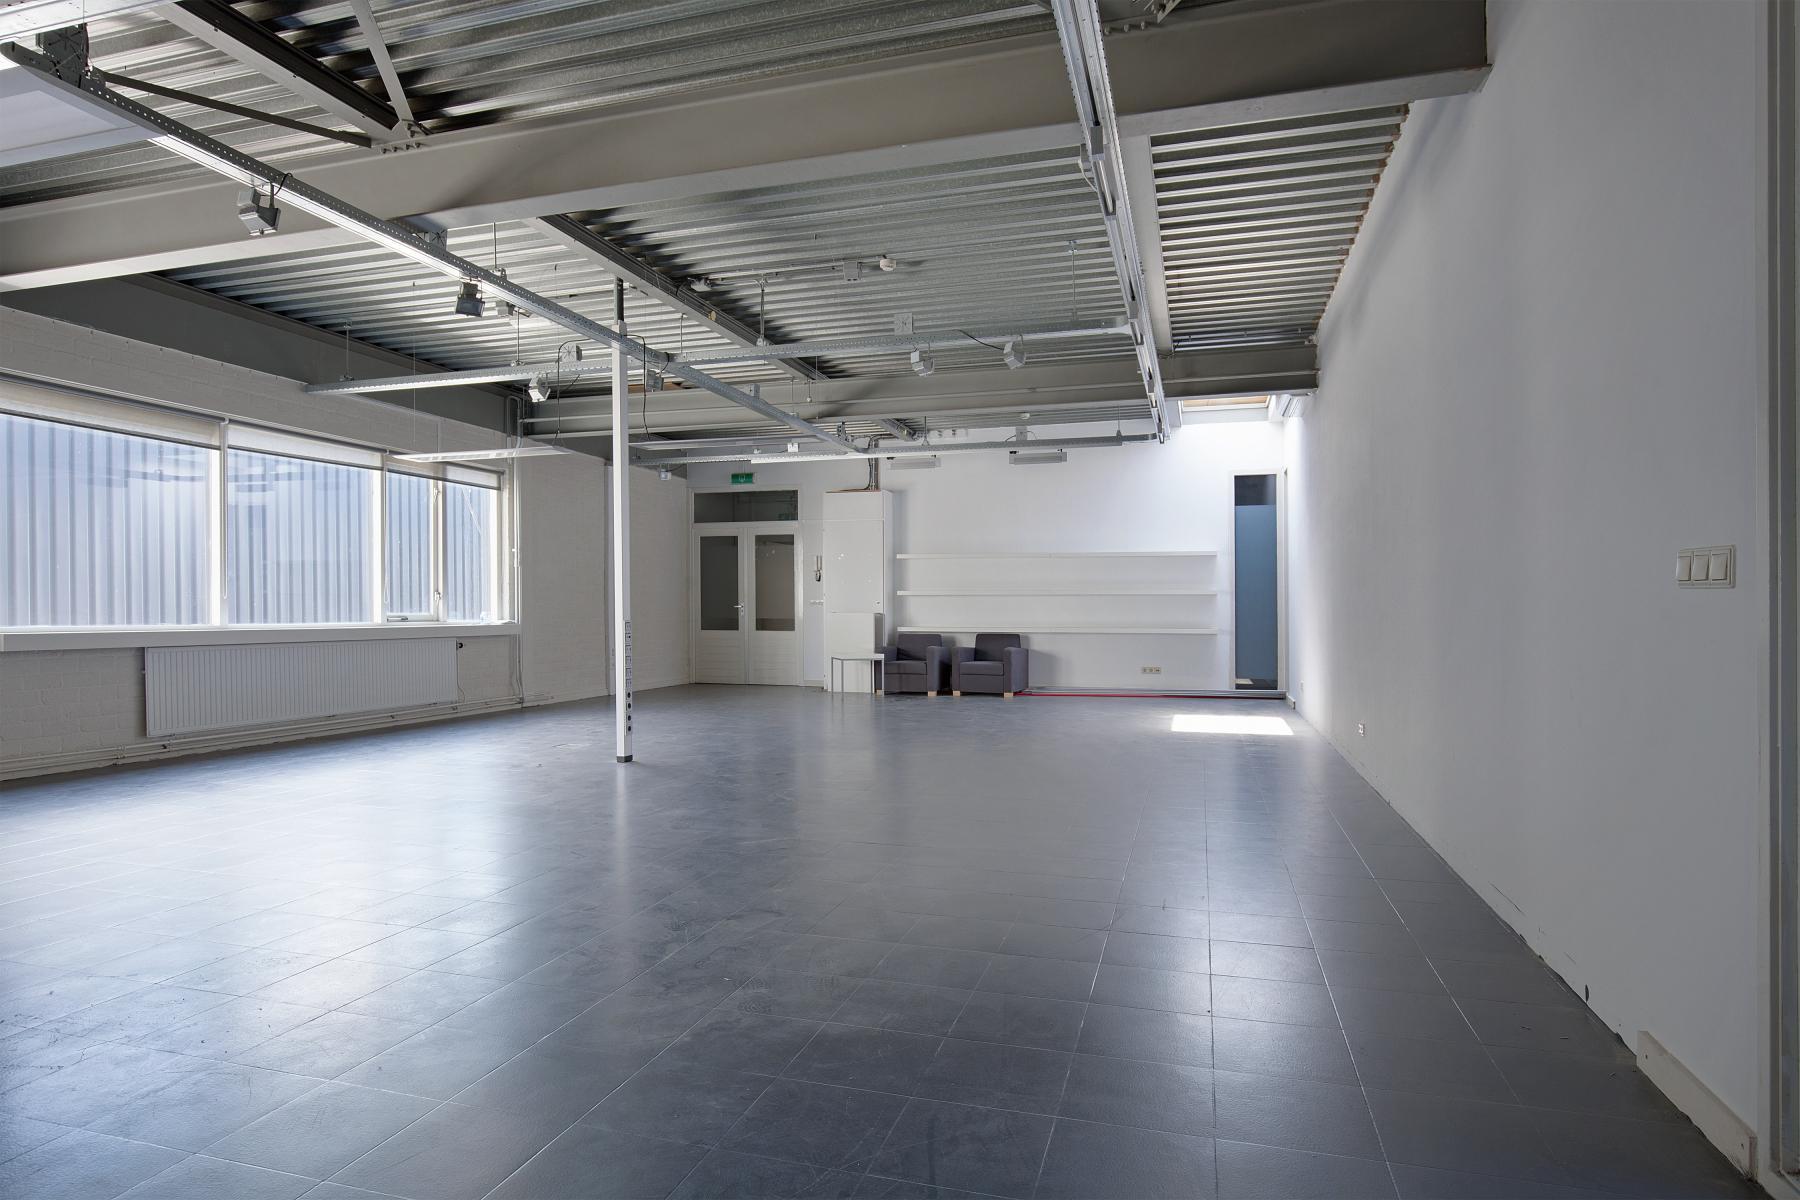 kantoorruimte huren aan van helmontstraat in rotterdam met wifi